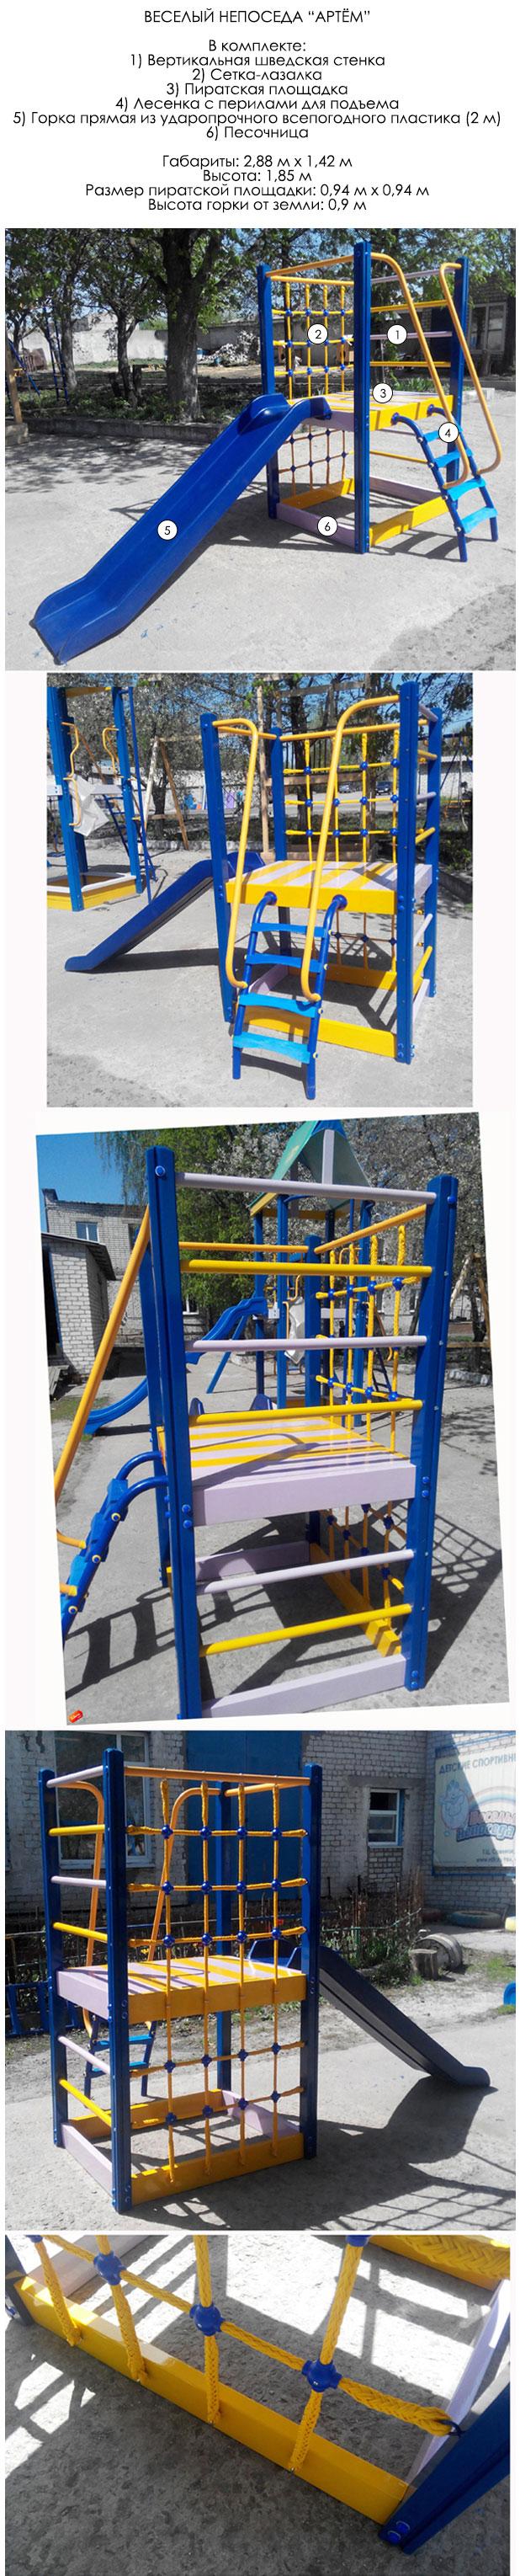 Детский комплекс для улицы с песочницей и горкой веселый непоседа артем вереск купить